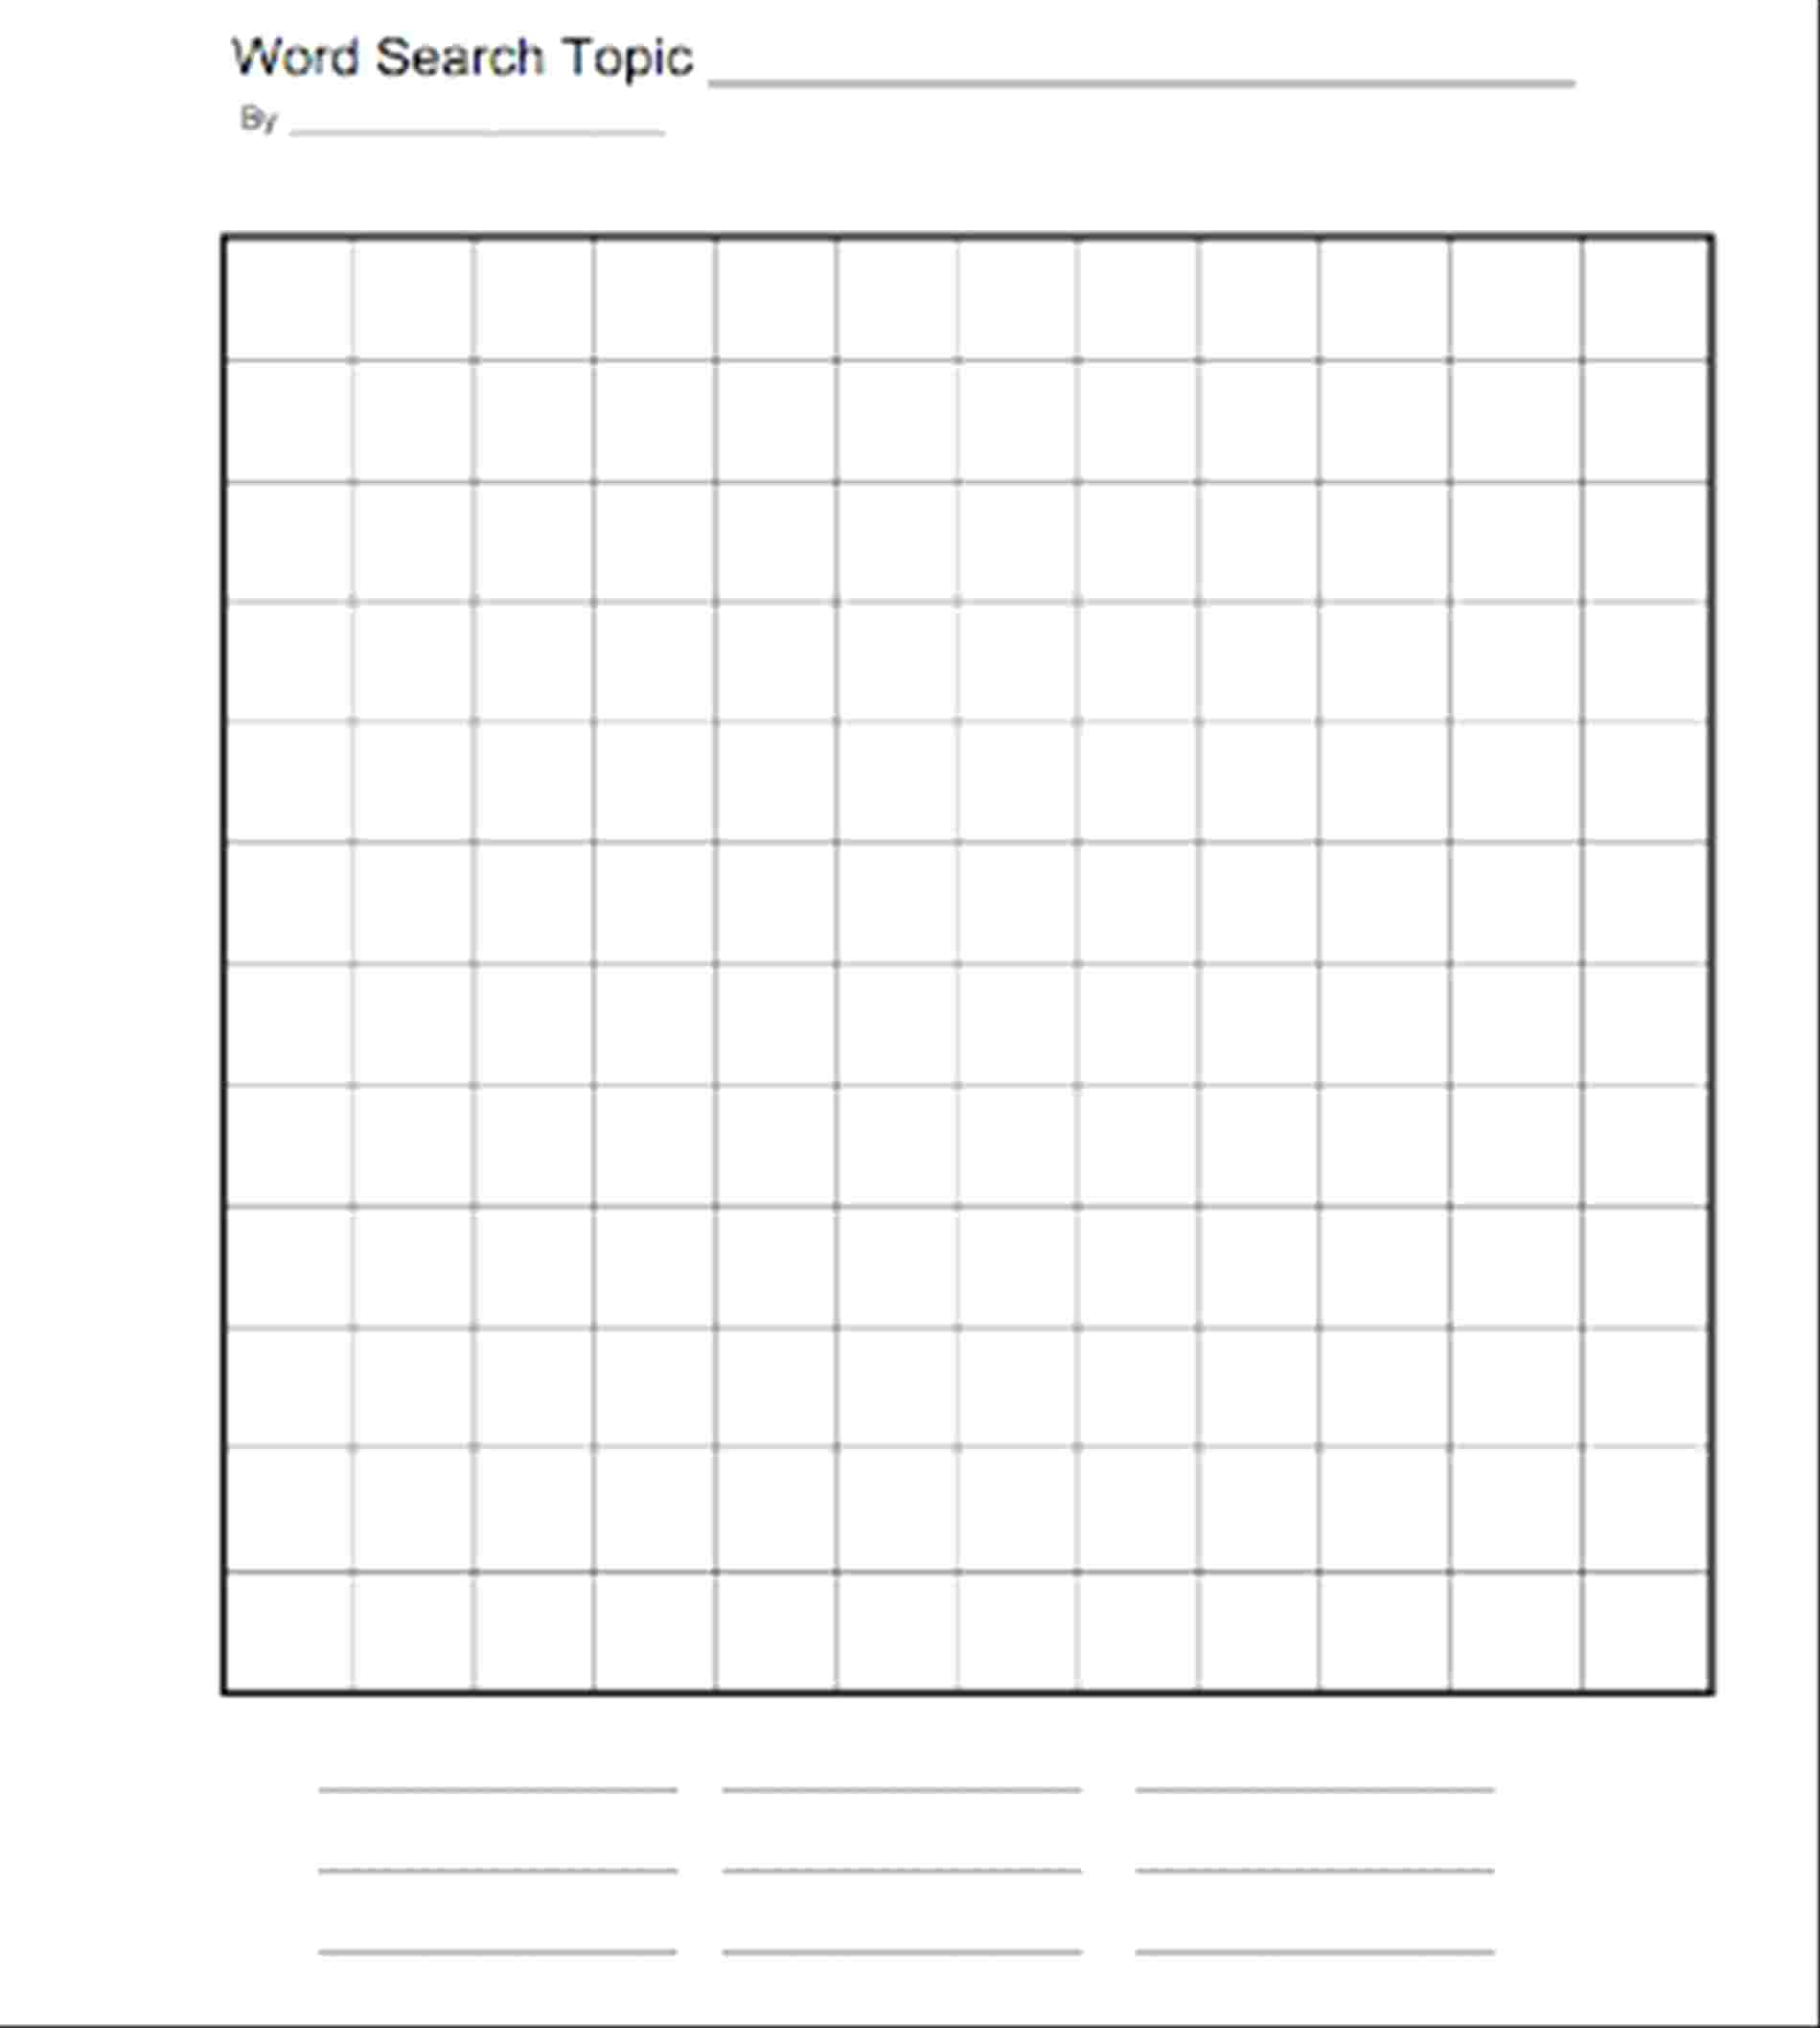 Wondrous Free Printable Blank Word Search Template ~ Istherewhitesmoke In Blank Word Search Template Free